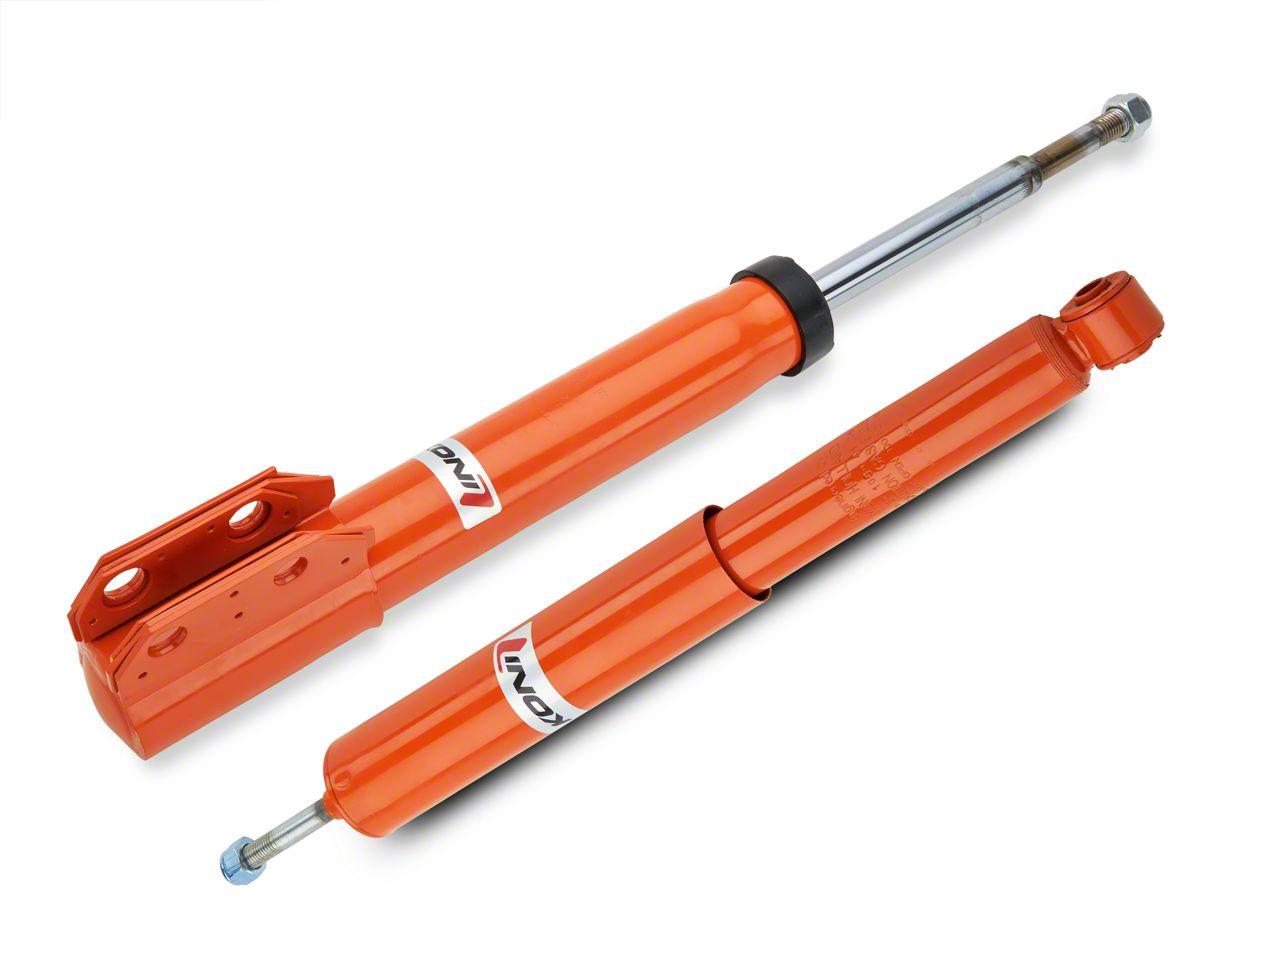 KONI STR.T Shock & Strut Kit (94-04 All, Excluding 99-04 Cobra)